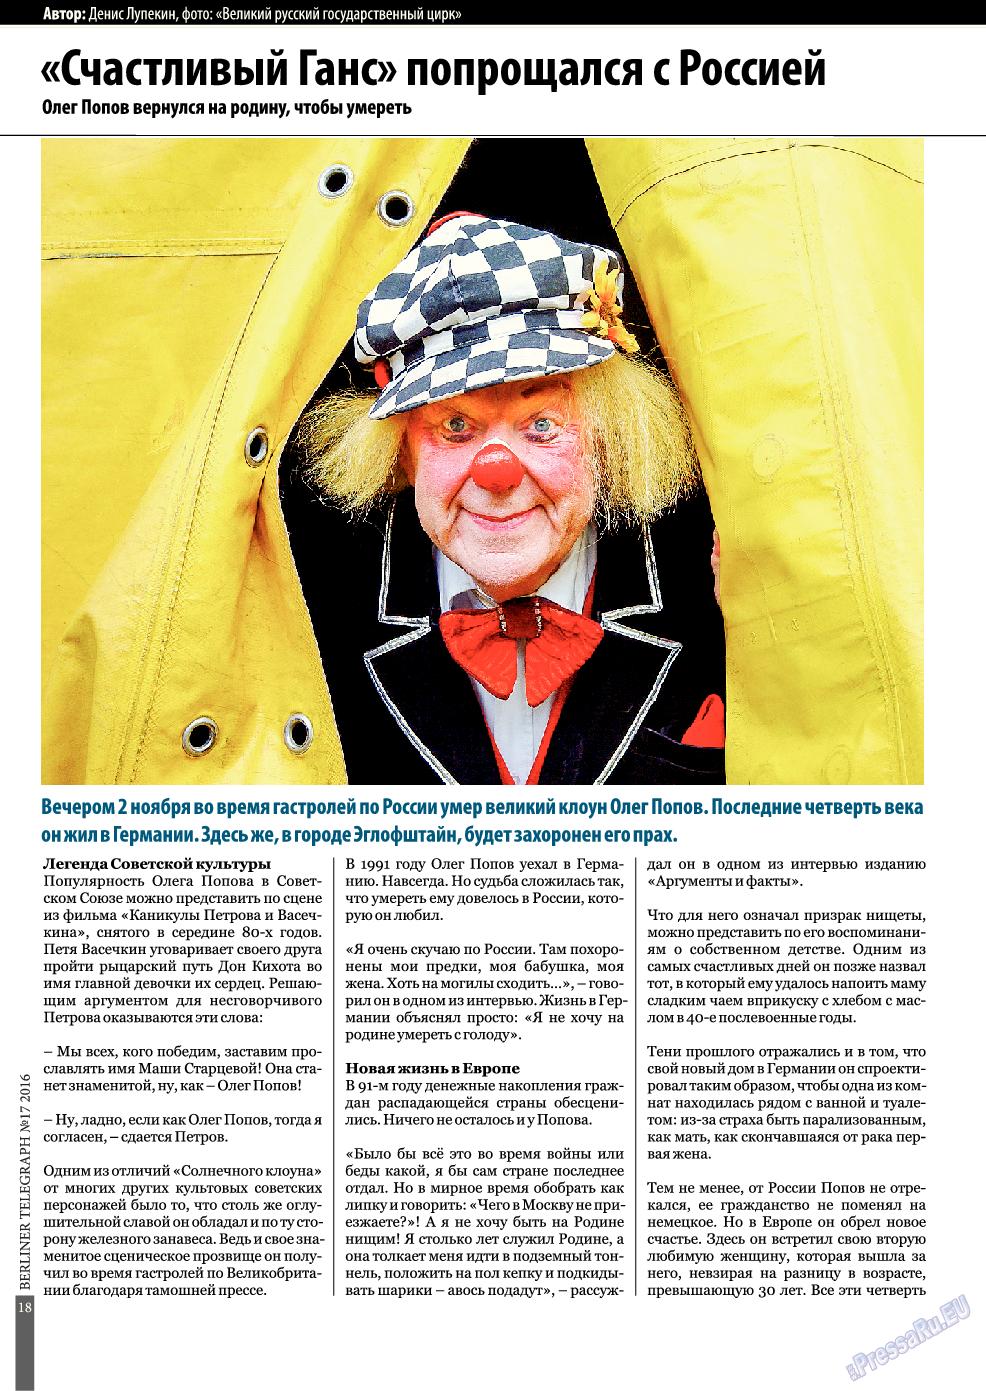 Берлинский телеграф (журнал). 2016 год, номер 17, стр. 18